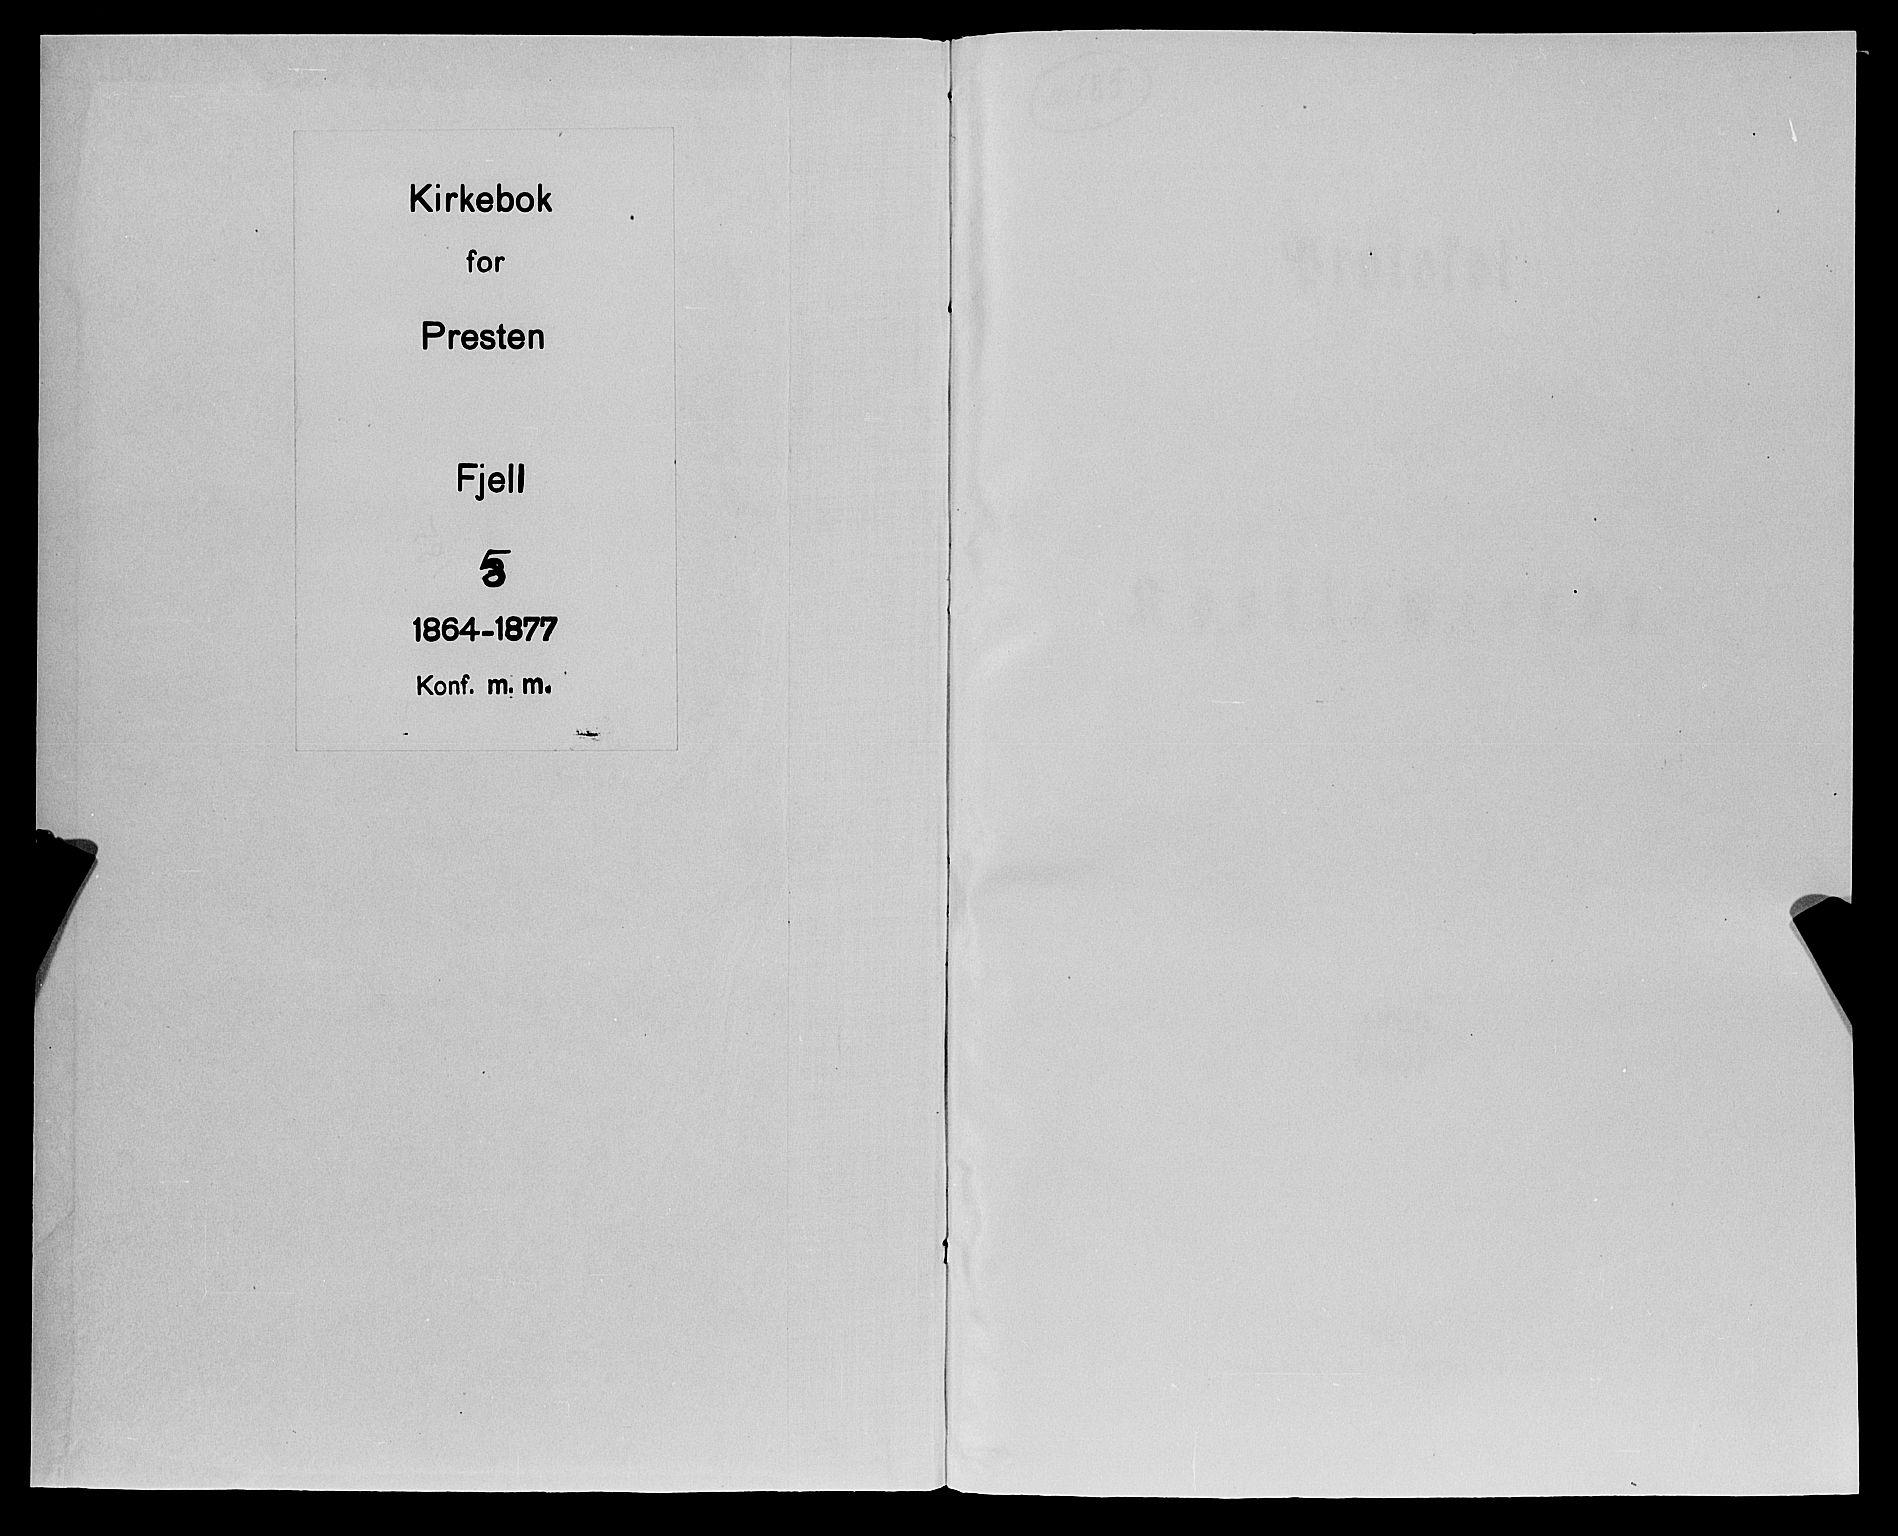 SAB, Fjell sokneprestembete, H/Haa: Ministerialbok nr. A 5, 1864-1877